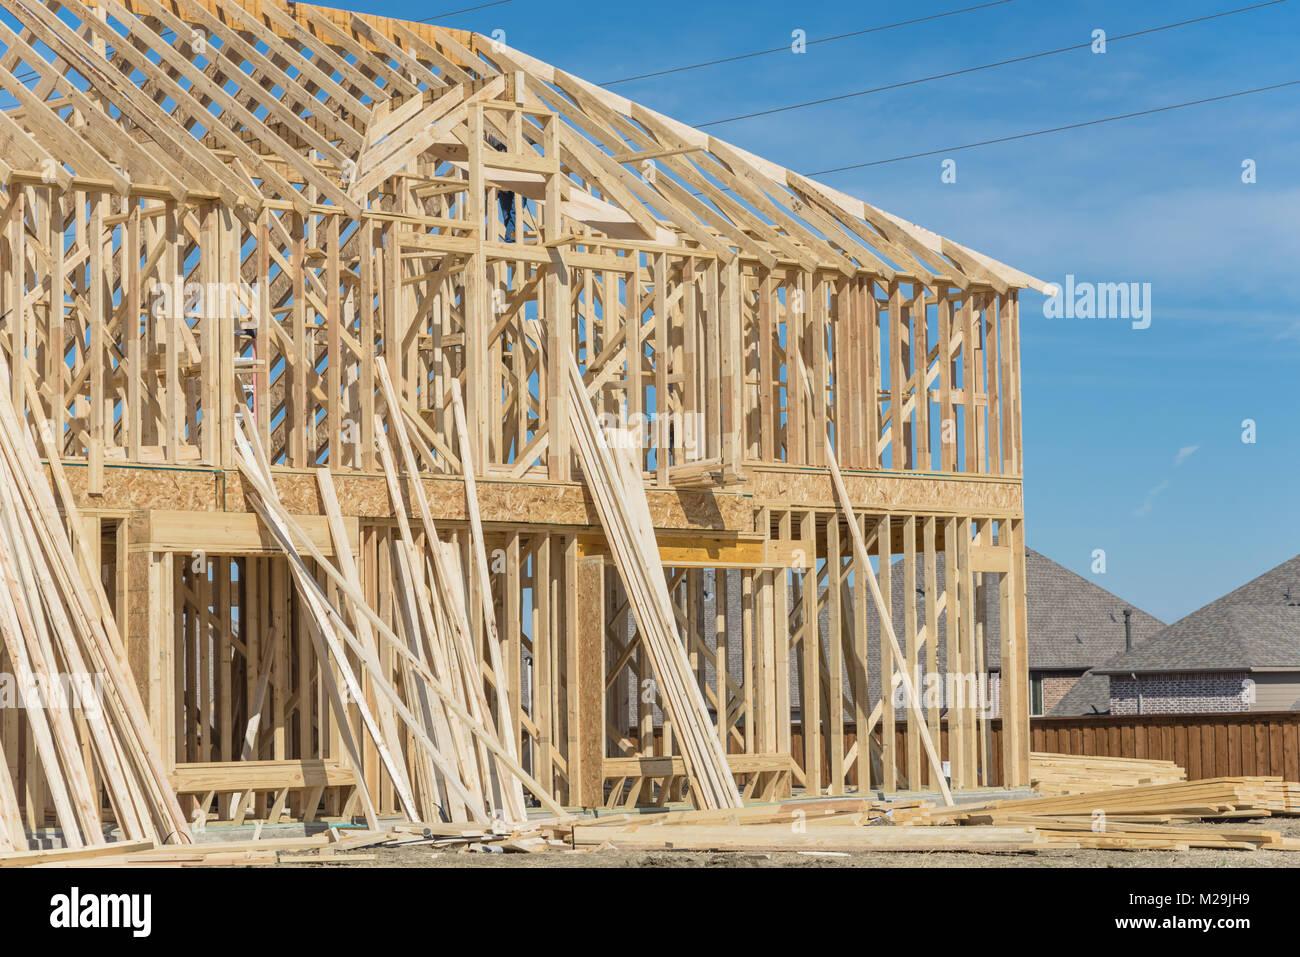 Texas House Wooden Stock Photos Amp Texas House Wooden Stock